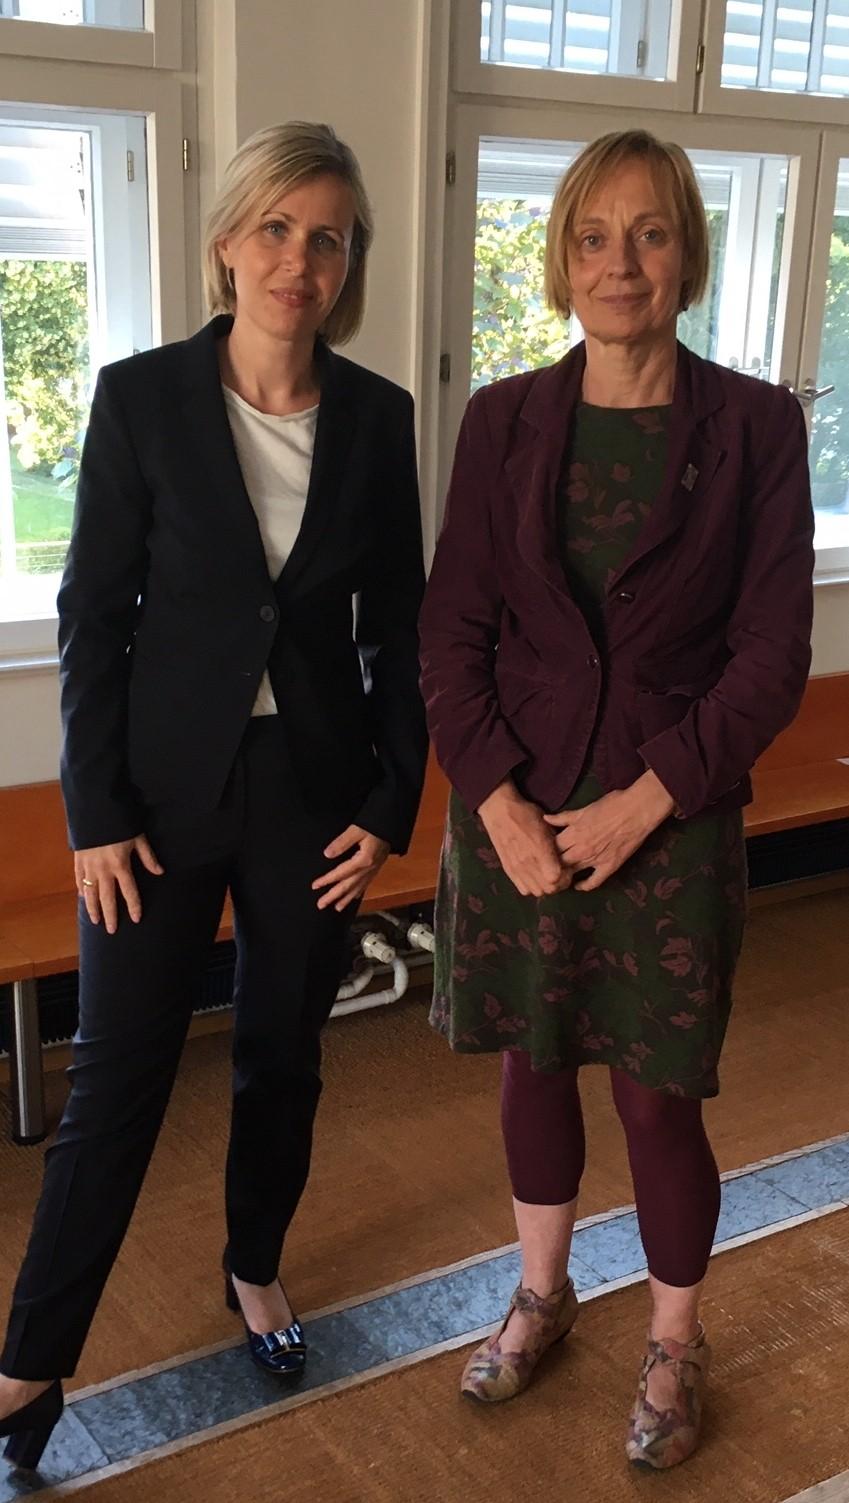 Katja Hoyer und Petra Budke (MdL) beim Runden Tisch in Wandlitz